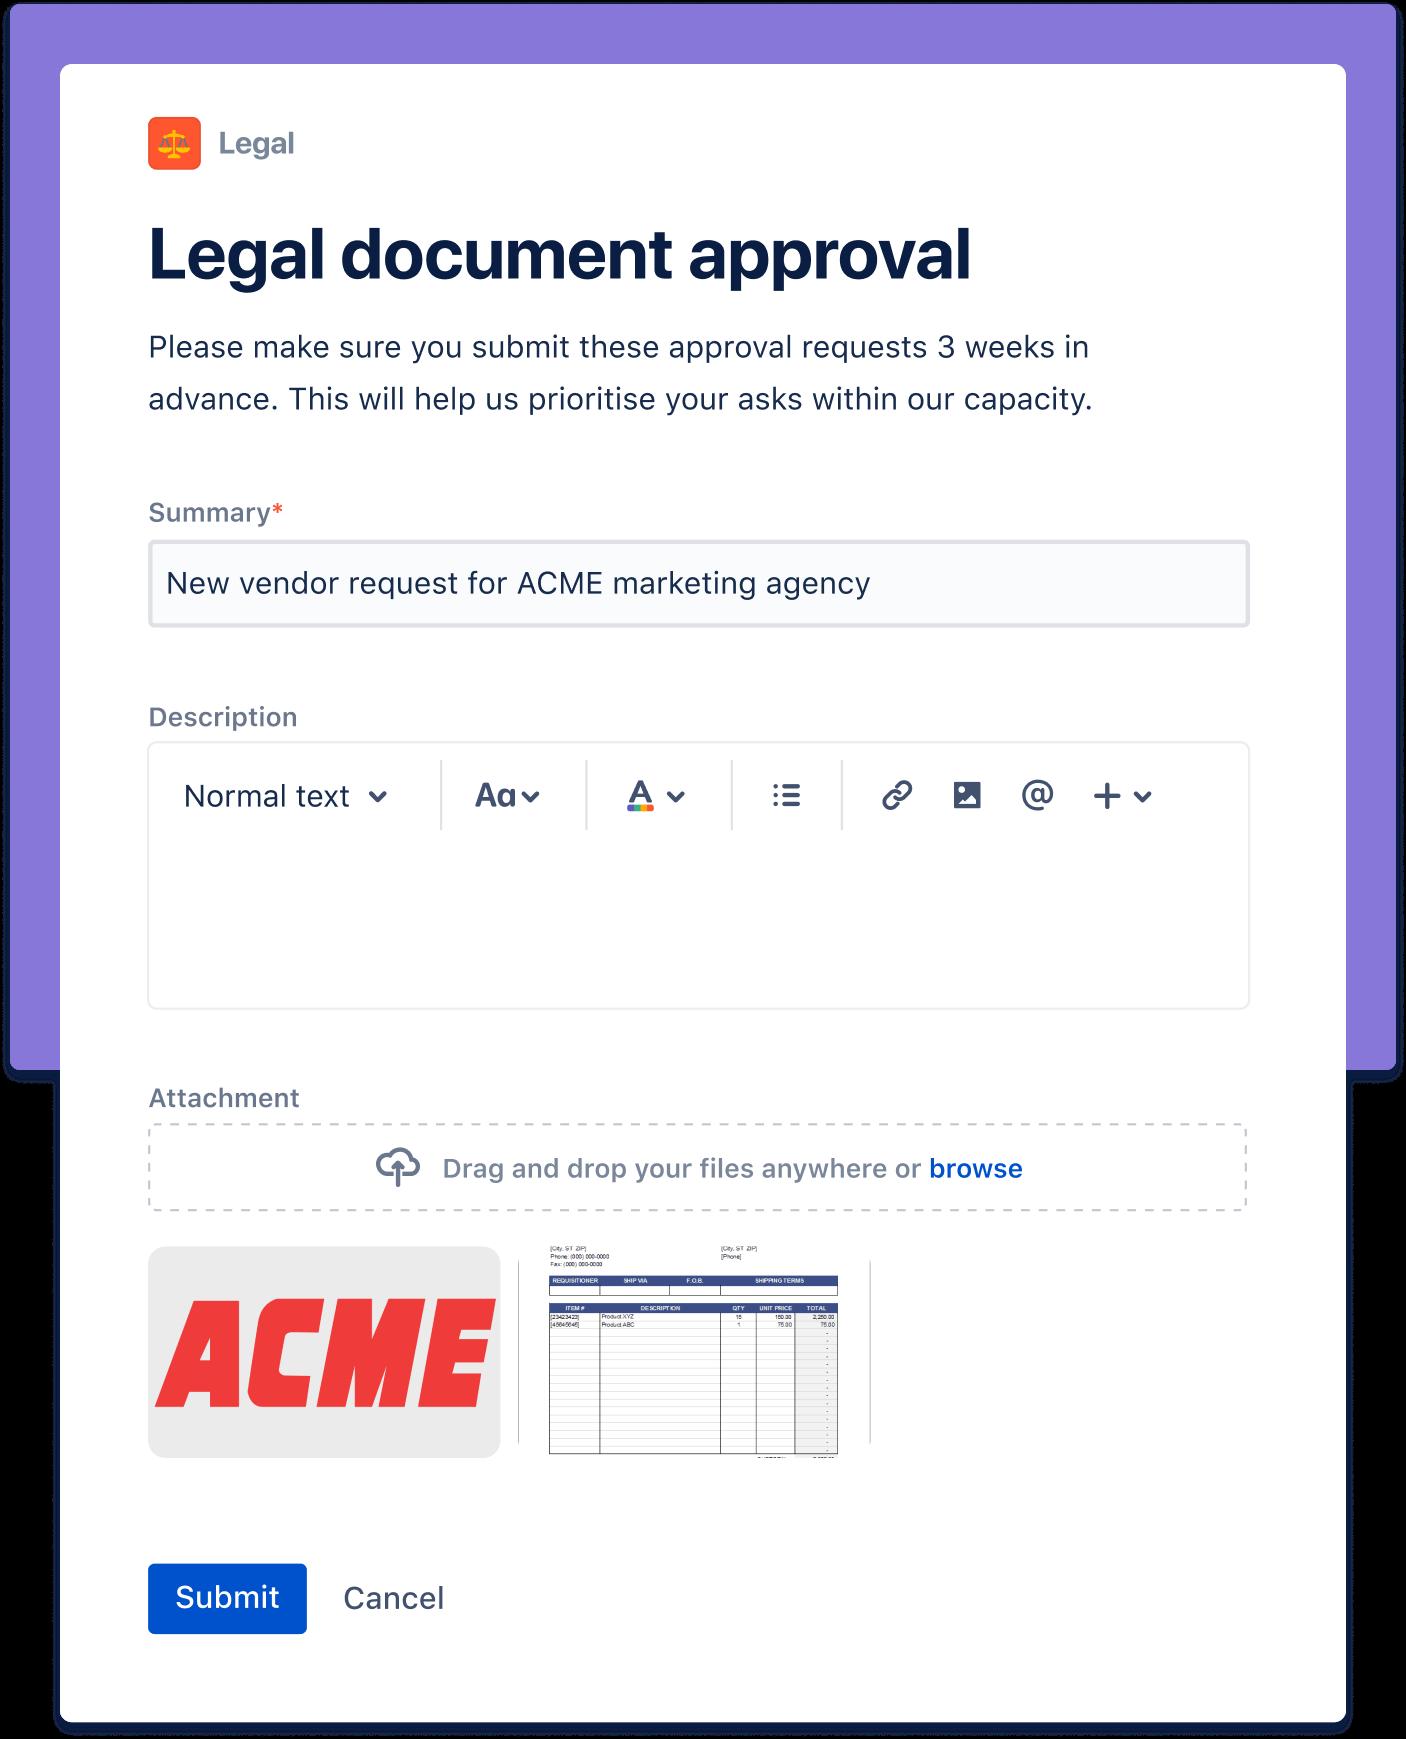 Screenshot goedkeuring van juridisch document